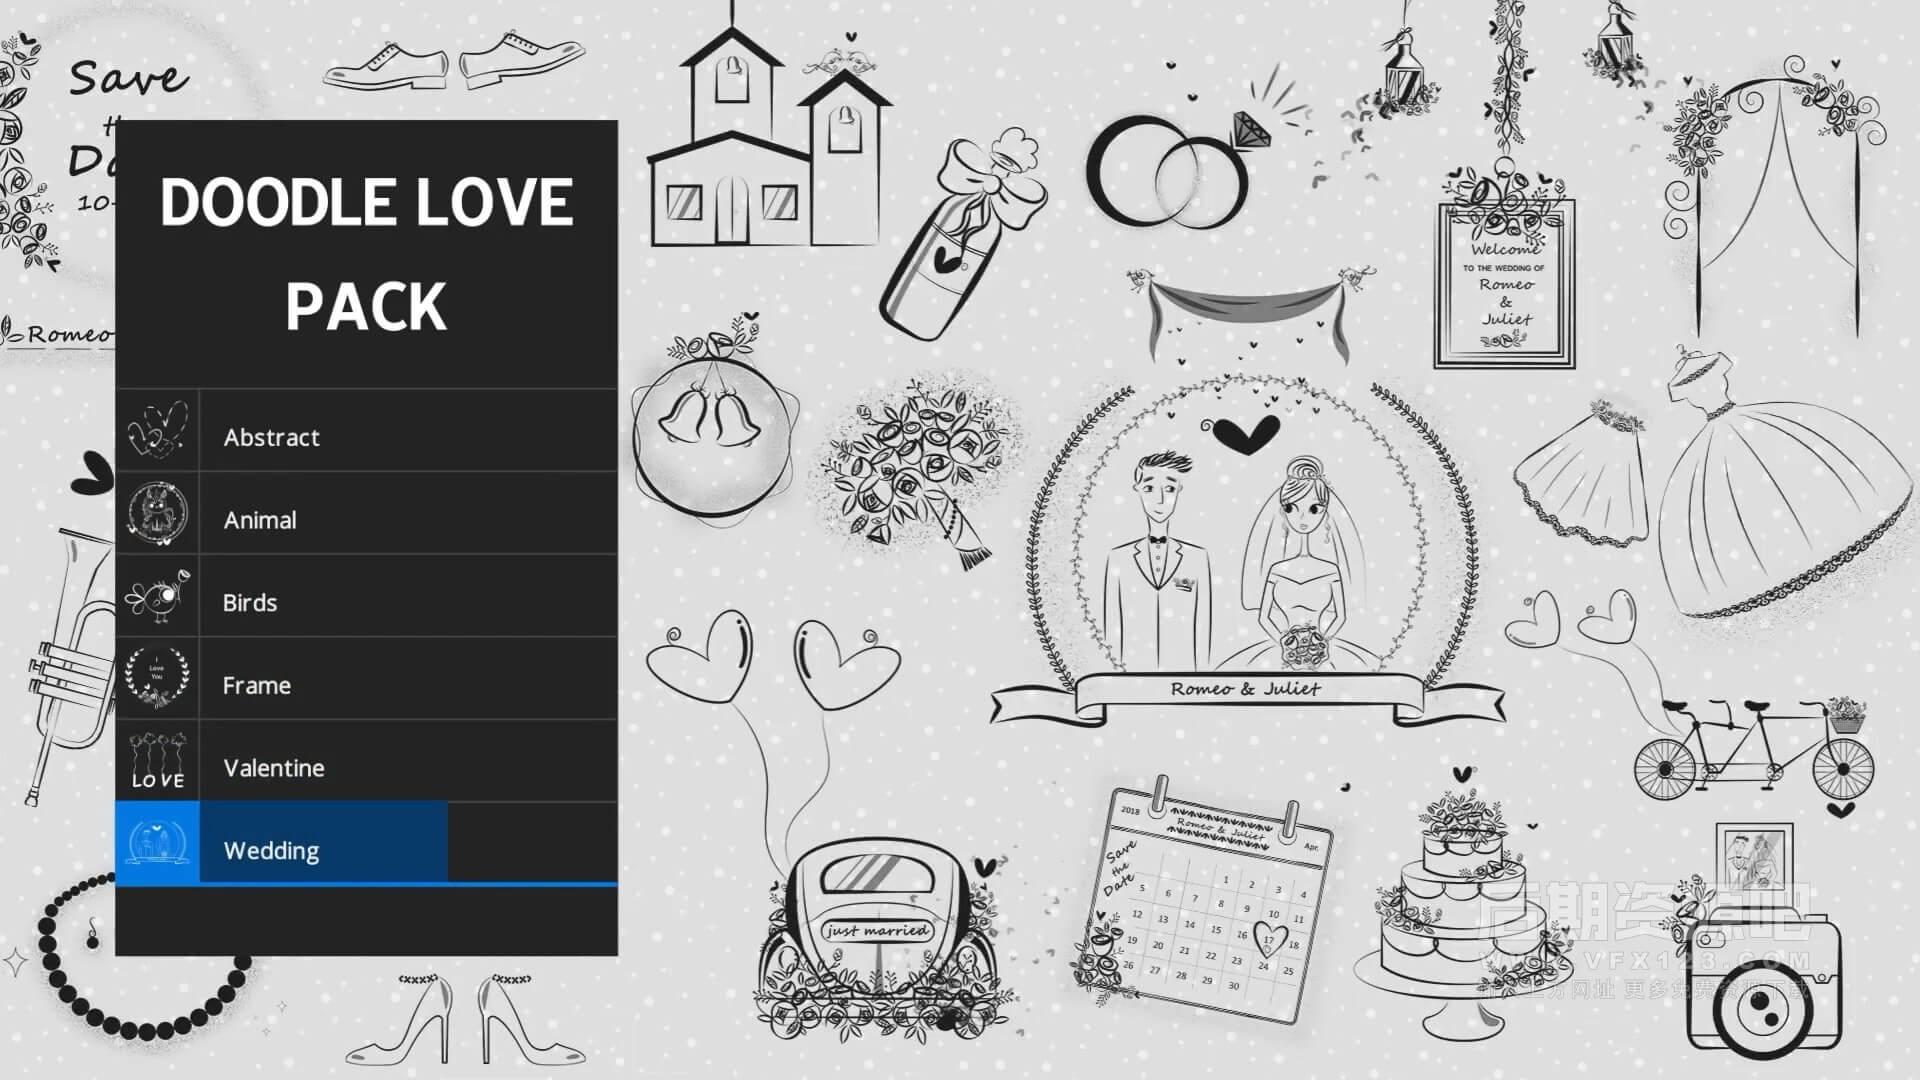 视频素材 100+可爱手绘涂鸦小装饰动画素材 Animated Doodle Love Pack